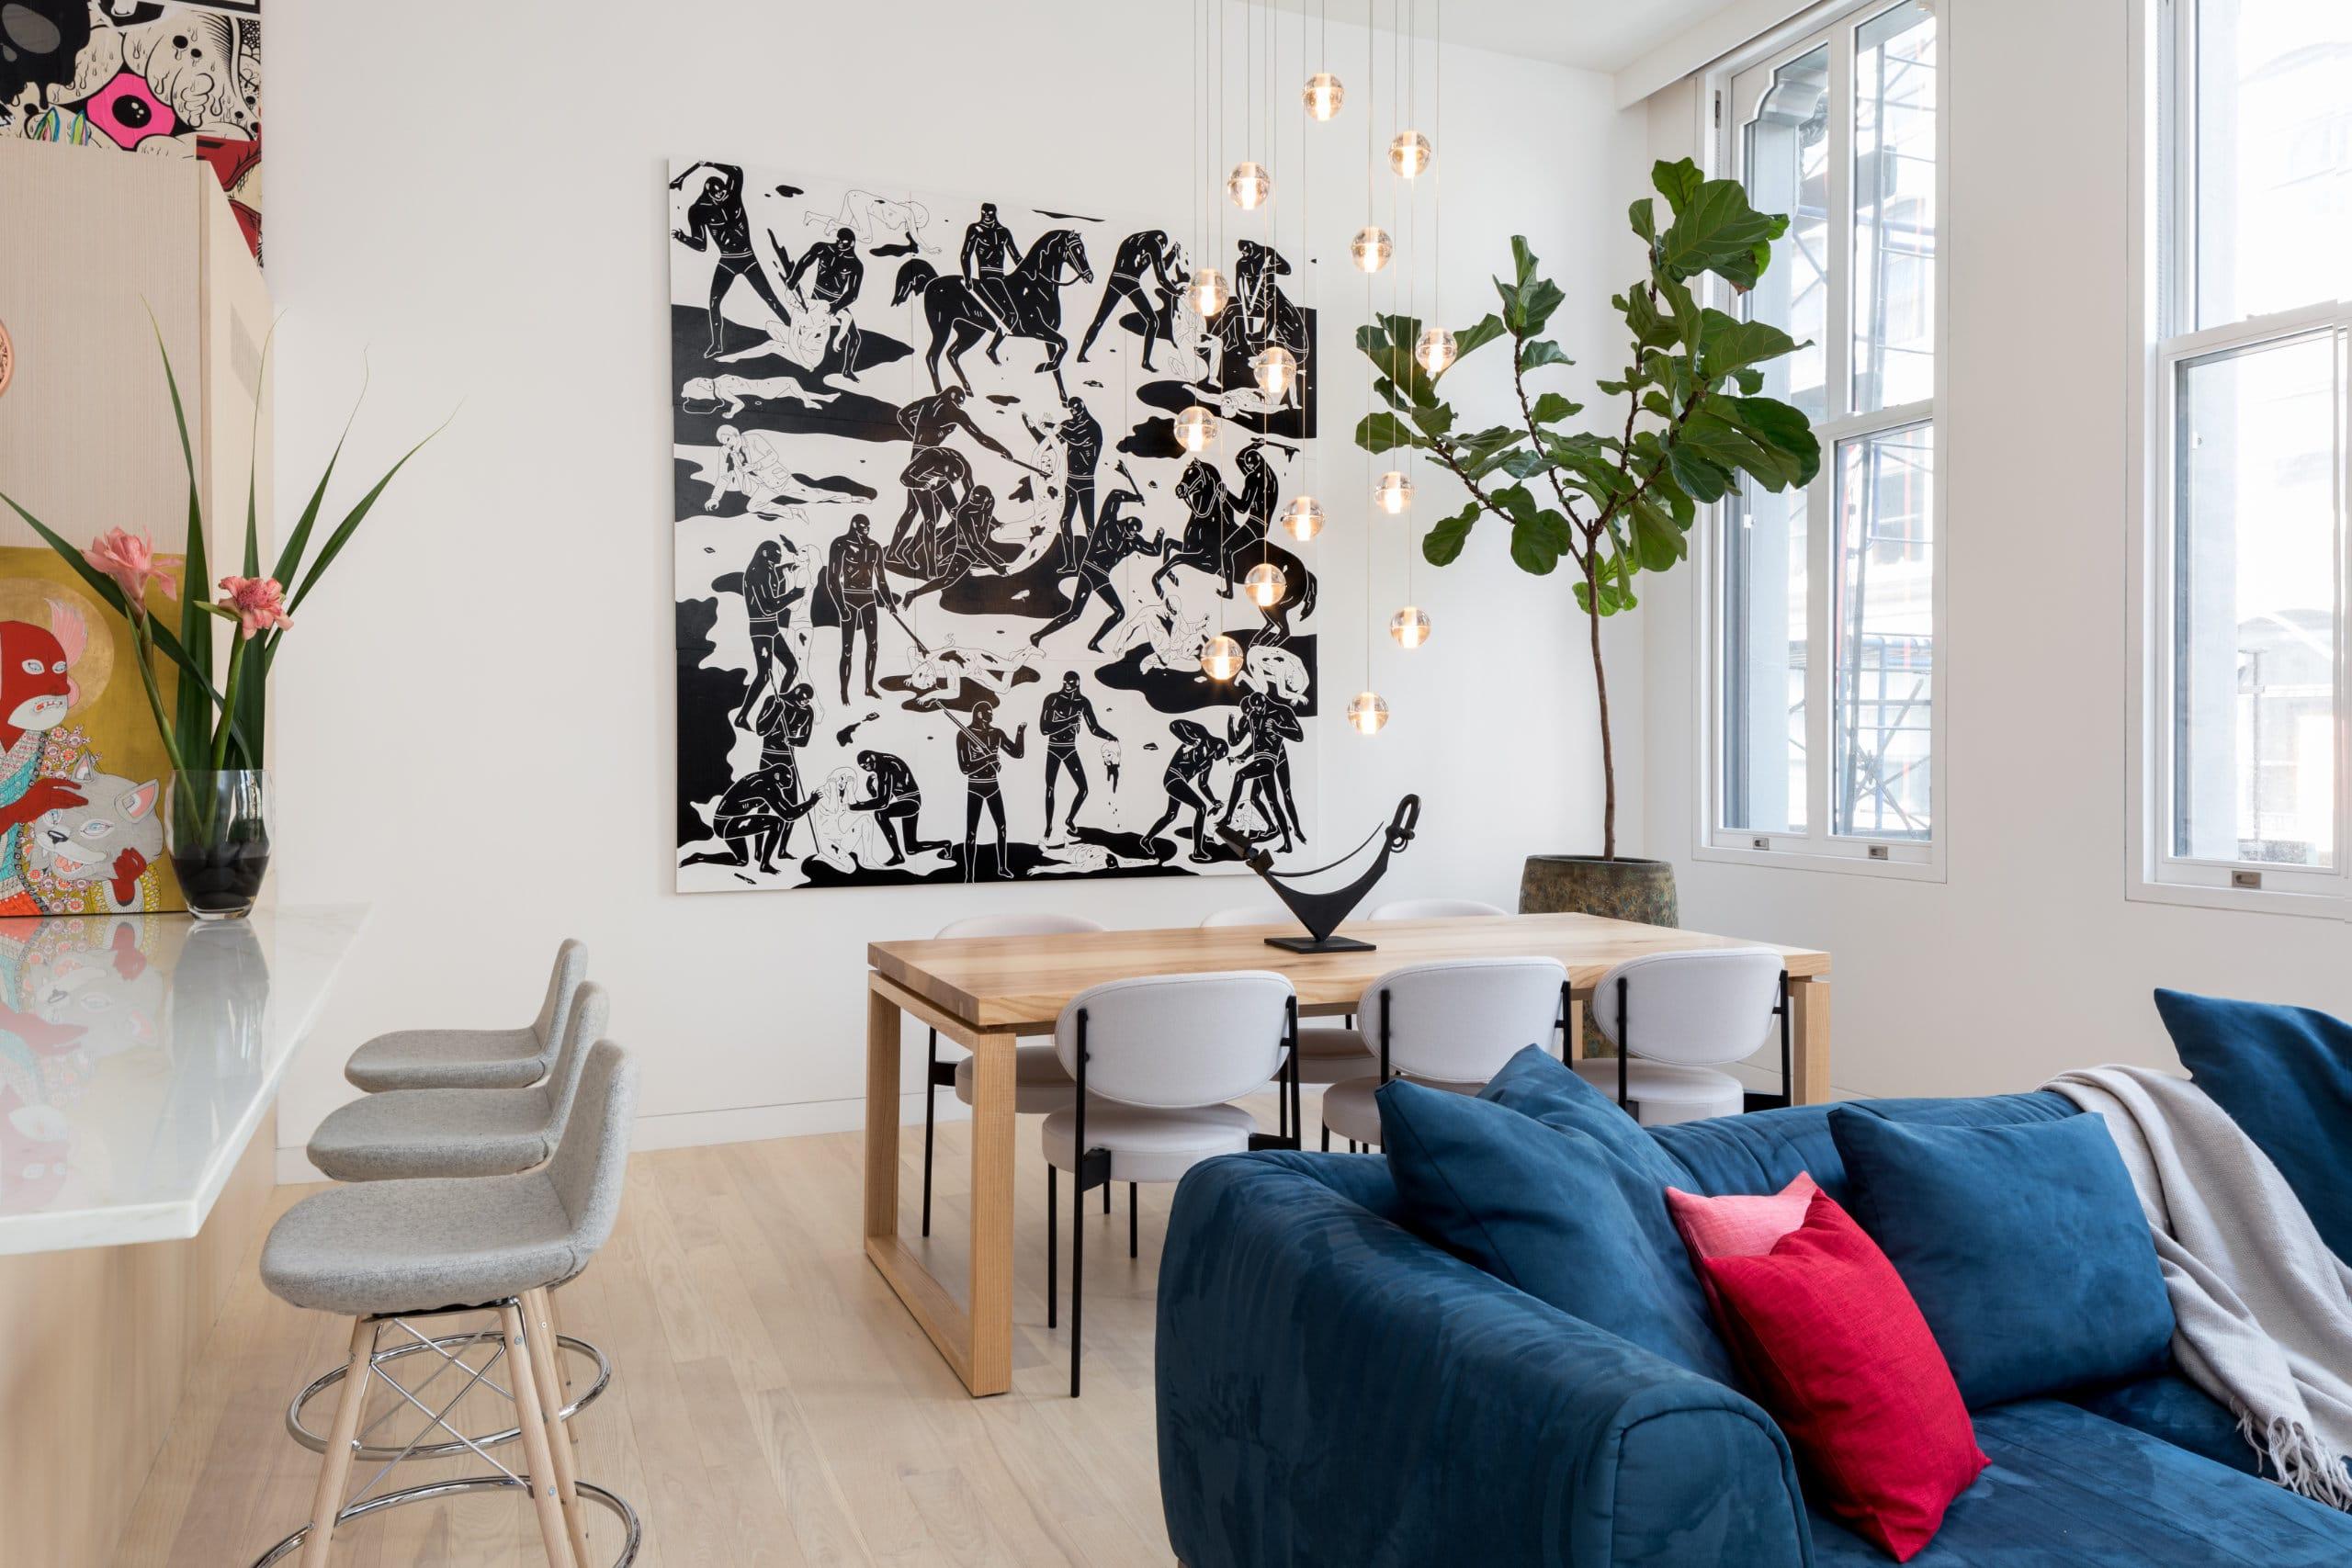 Residence, Obsidian House NYC, NY